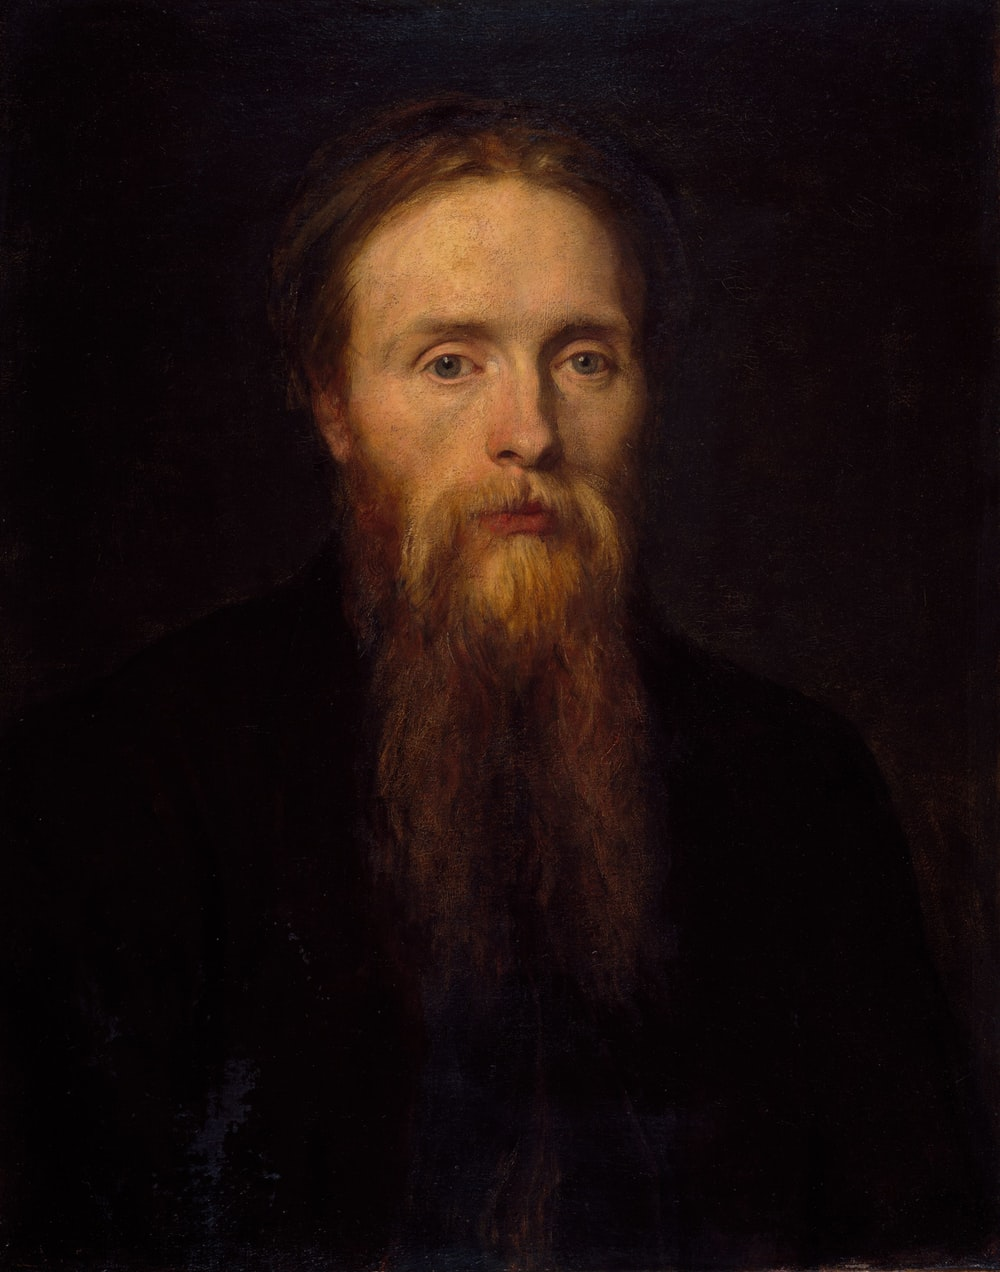 long-beard man portrait